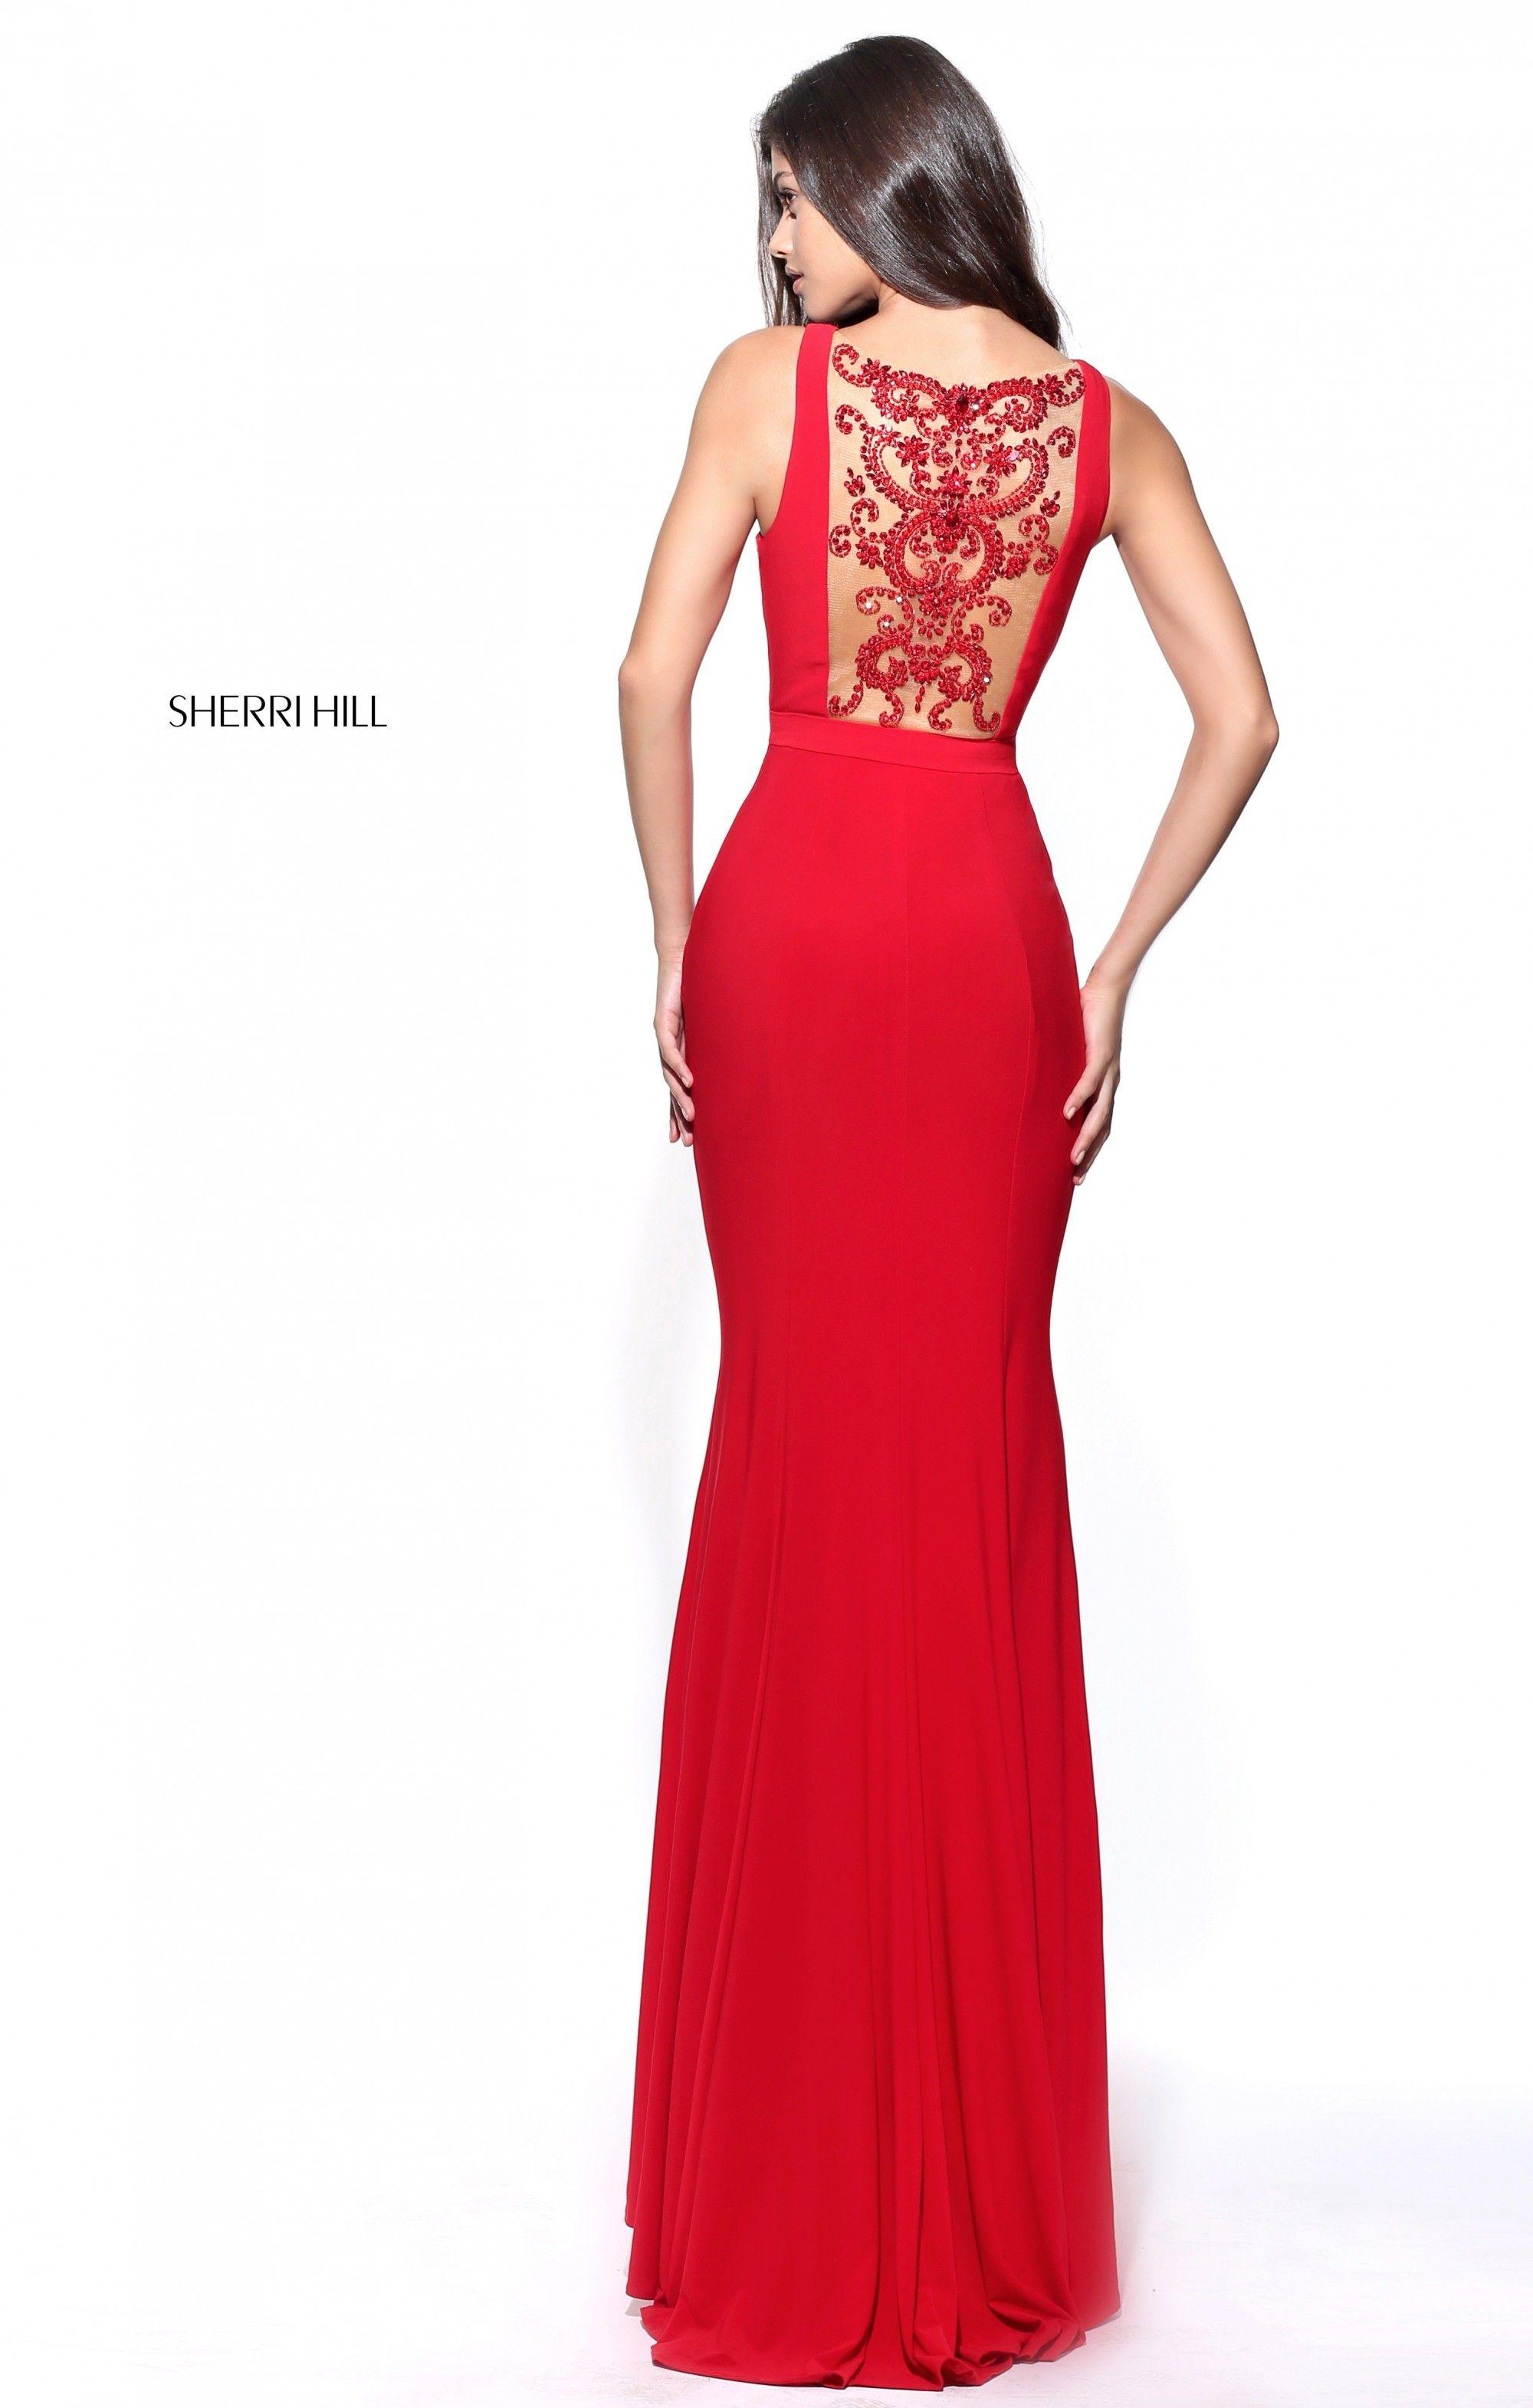 Sherri Hill 51096 Prom Dress | MadameBridal.com #sherri hill #prom dress #